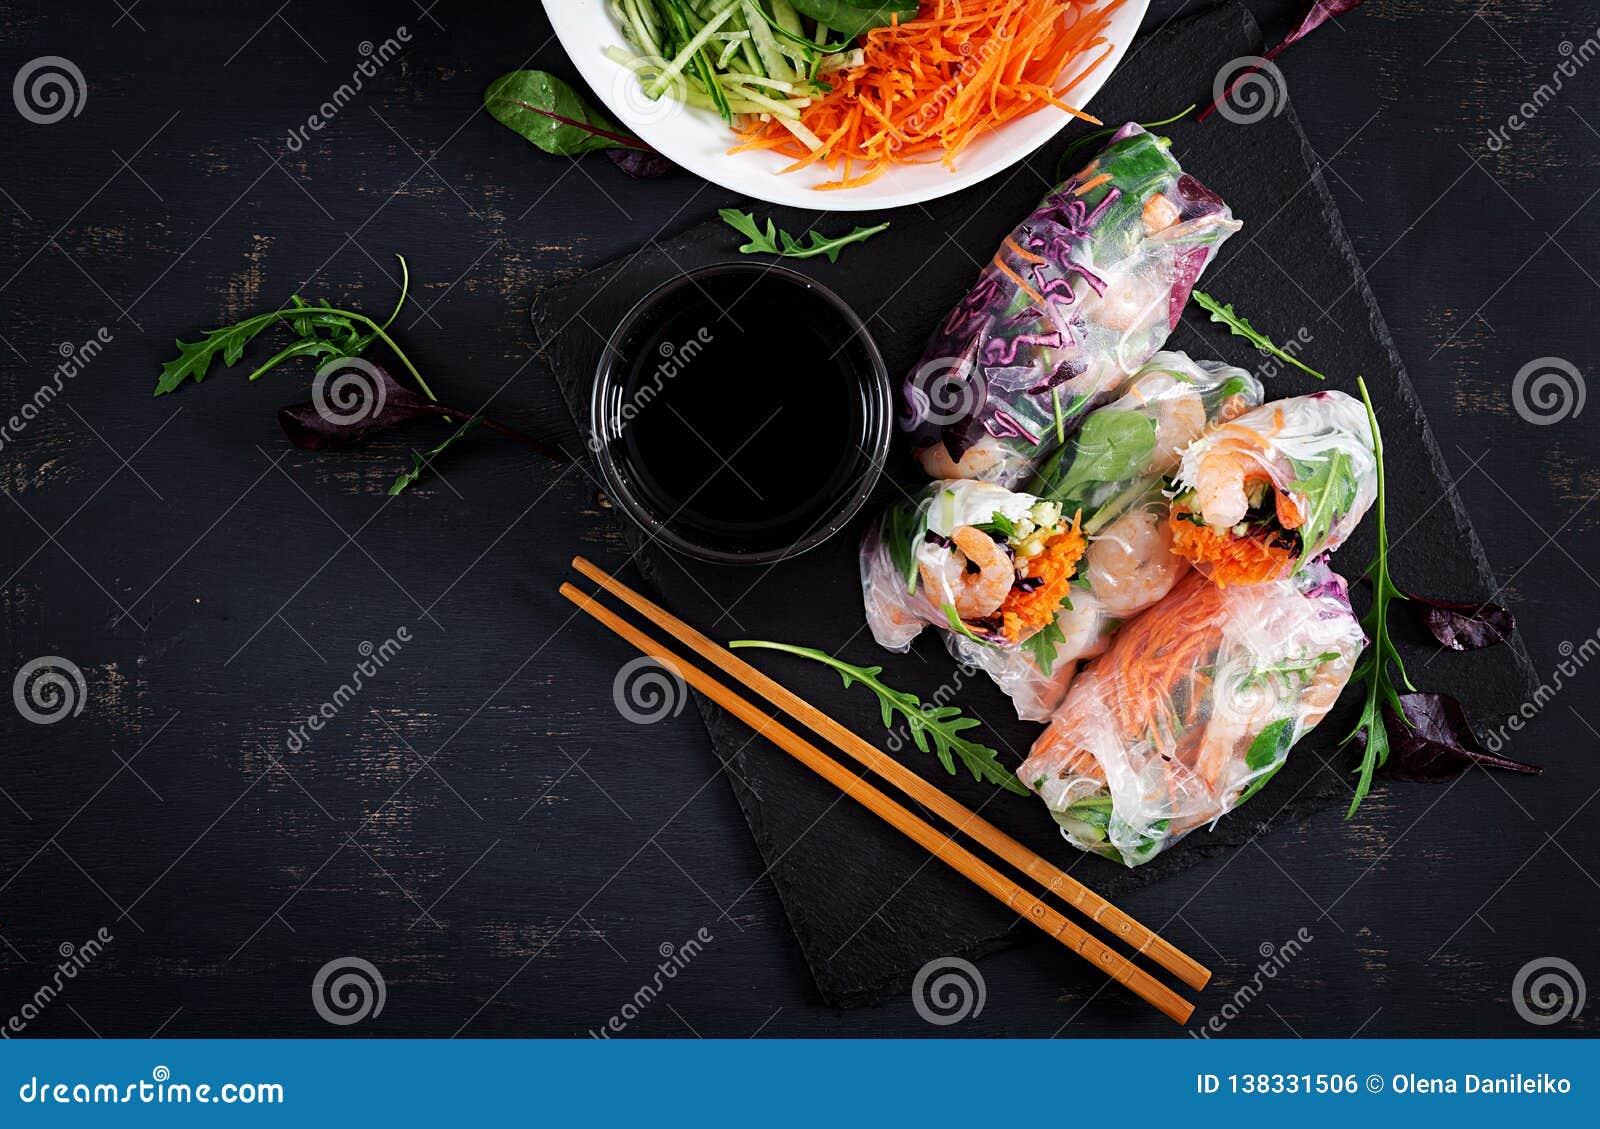 De vegetarische Vietnamese lente rolt met kruidige garnalen, garnalen, wortel, komkommer